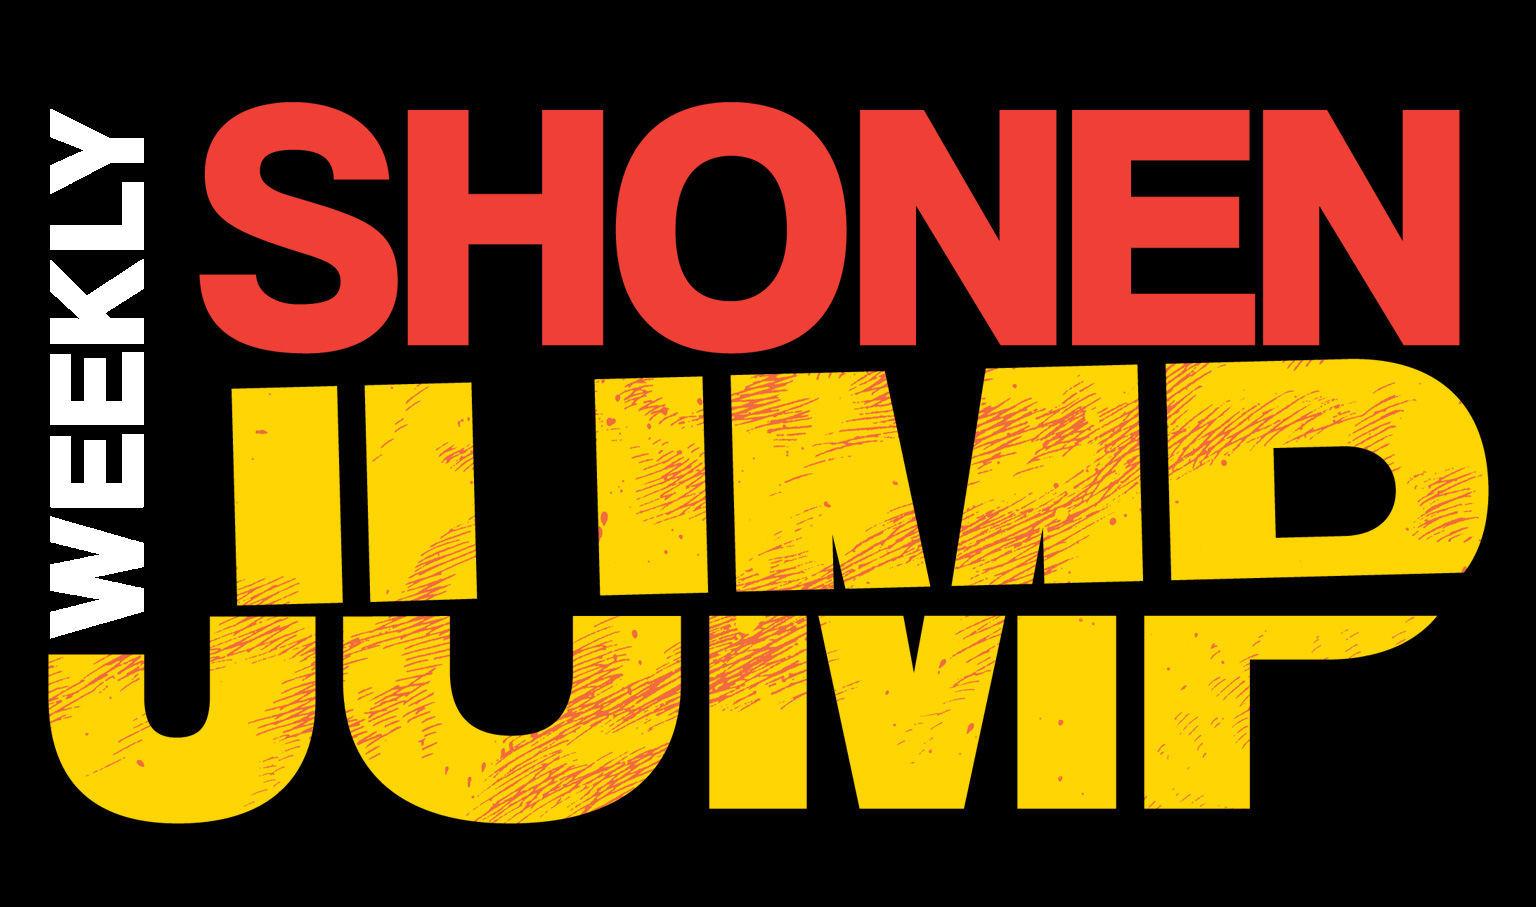 2914 - ¿Sabrías los nombres de los personajes de la Shonen Jump?